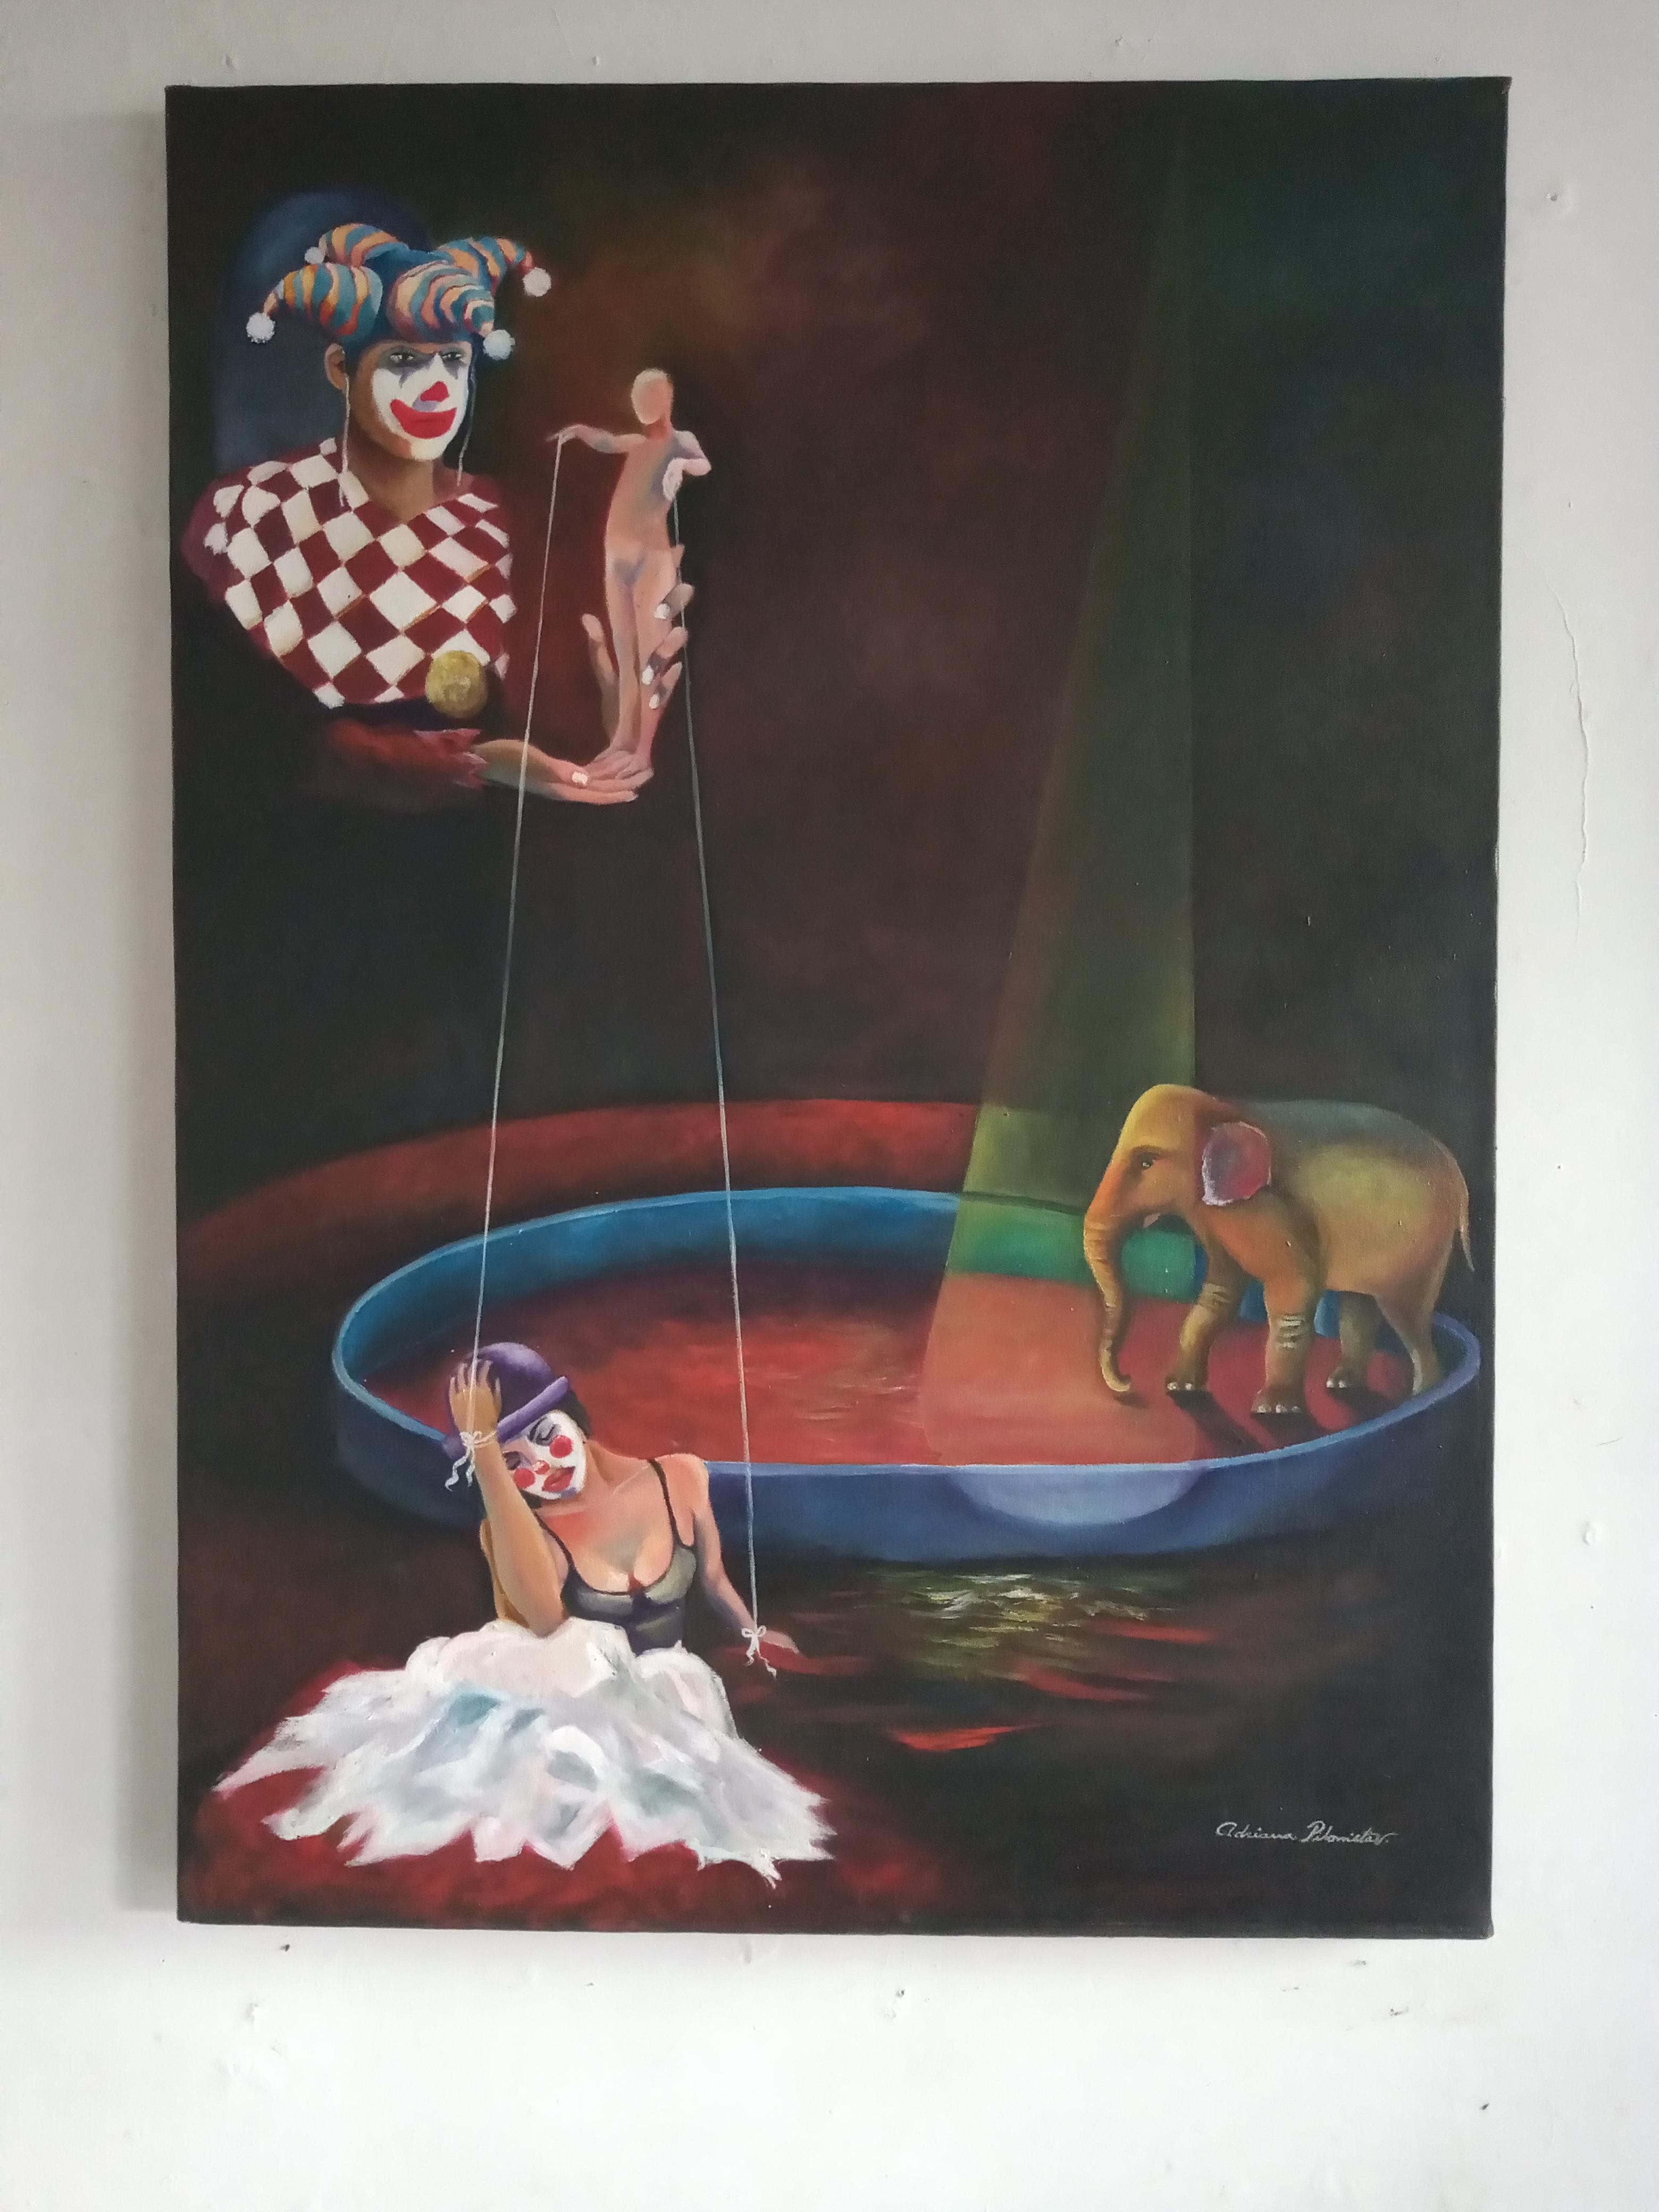 Obra  de Maestra Adriana Pilonieta - Circo_1